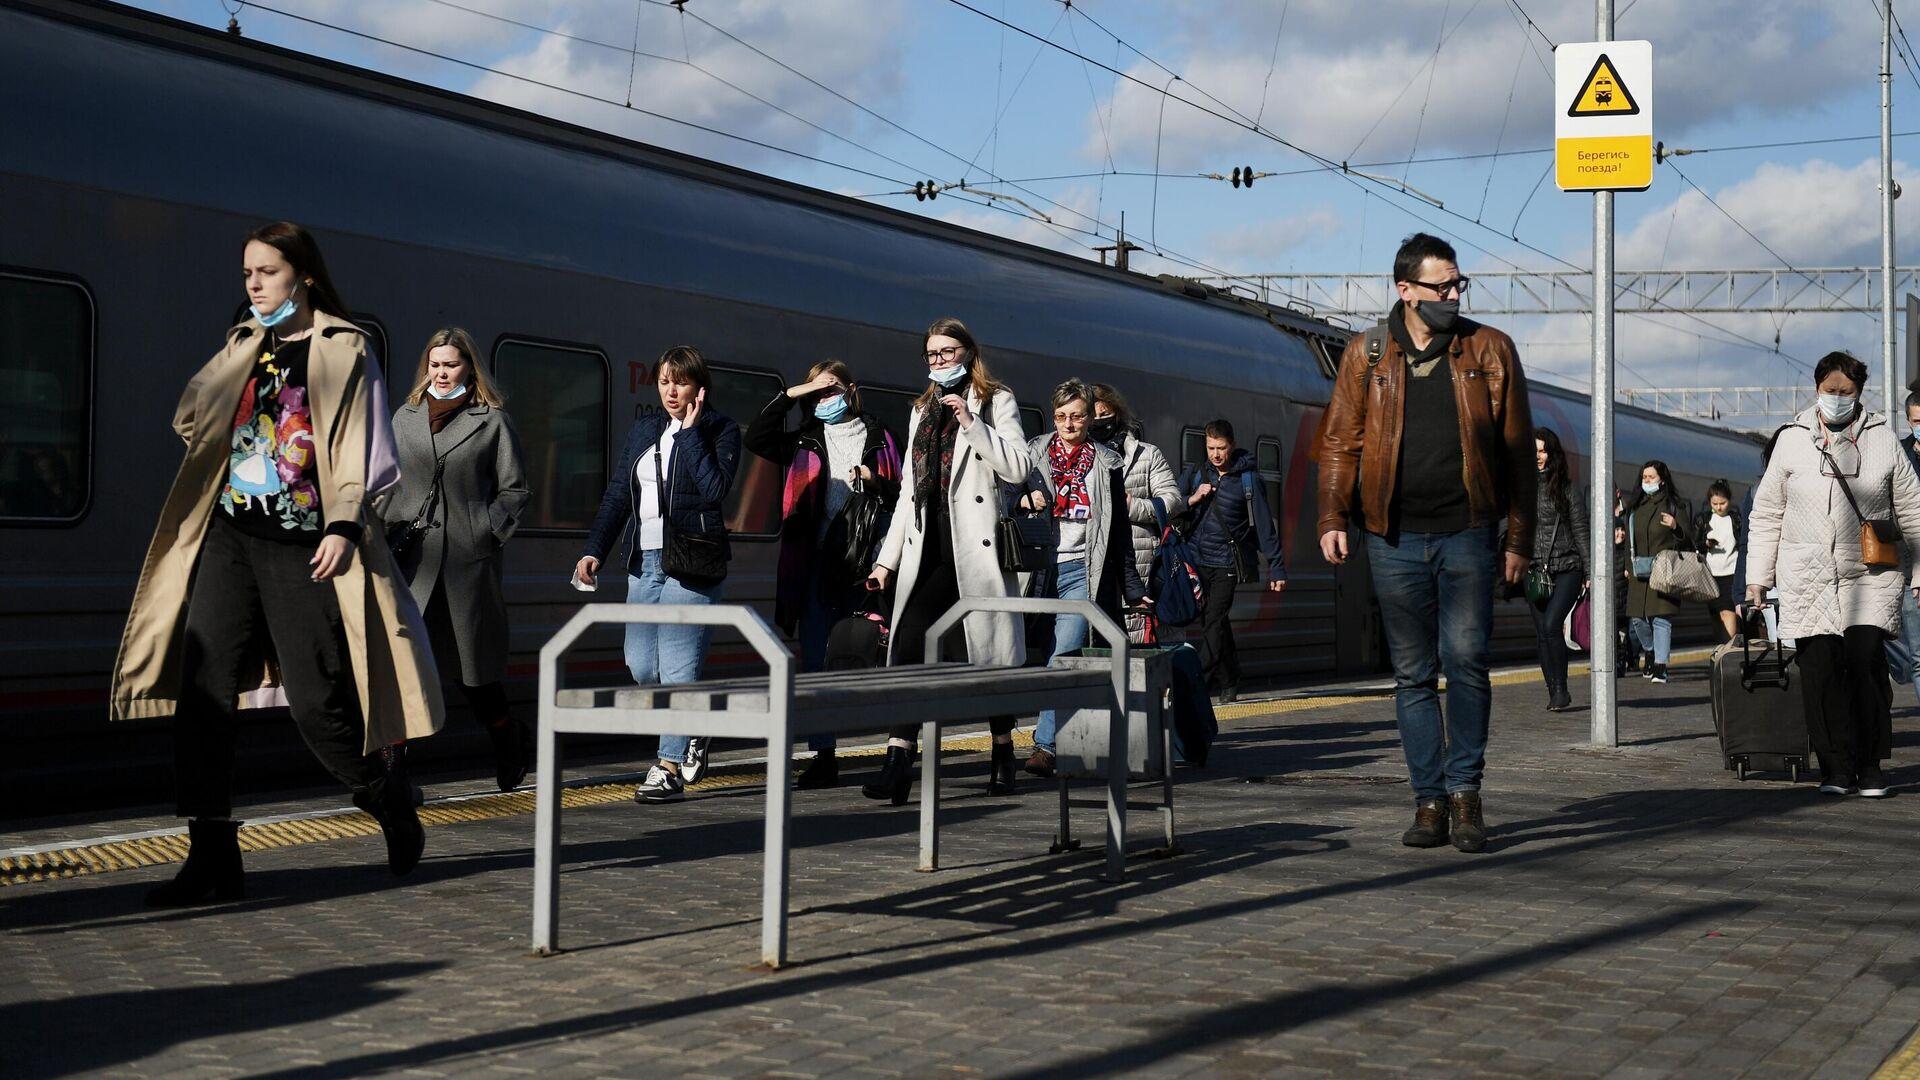 Пассажиры на платформе Ярославского вокзала в Москве - РИА Новости, 1920, 18.10.2020